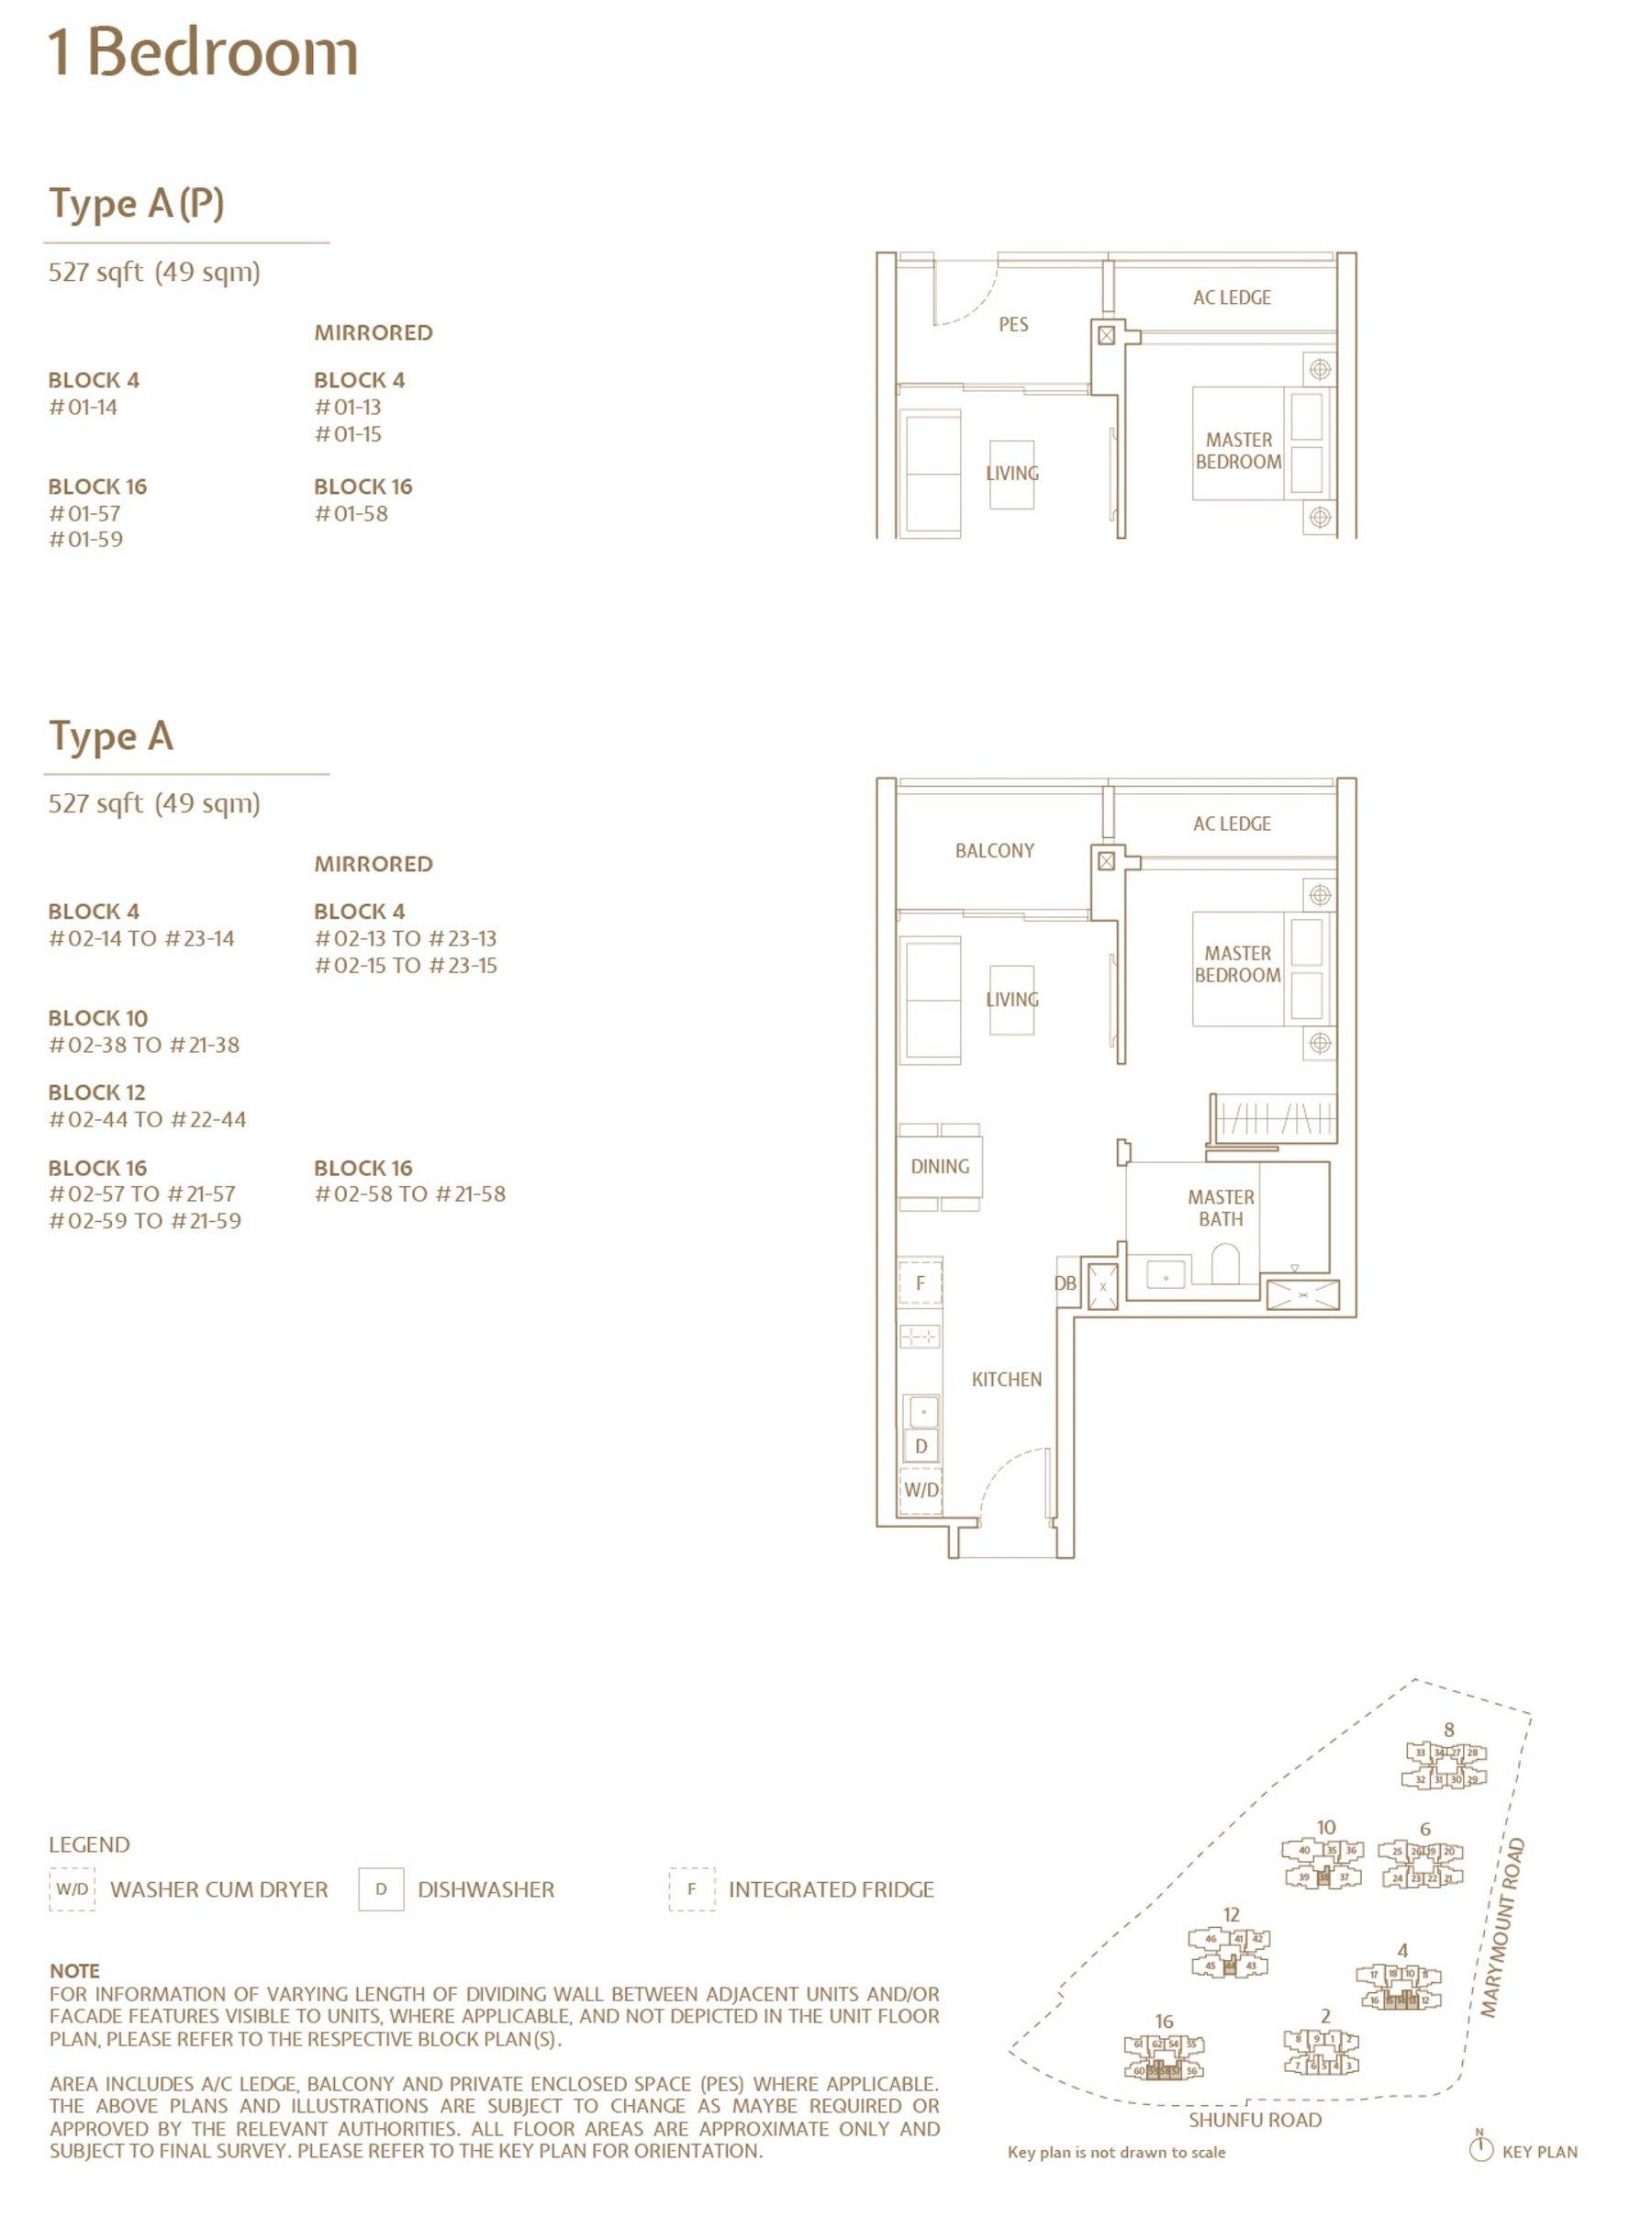 Jadescape 顺福轩 condo 1 bedroom type A